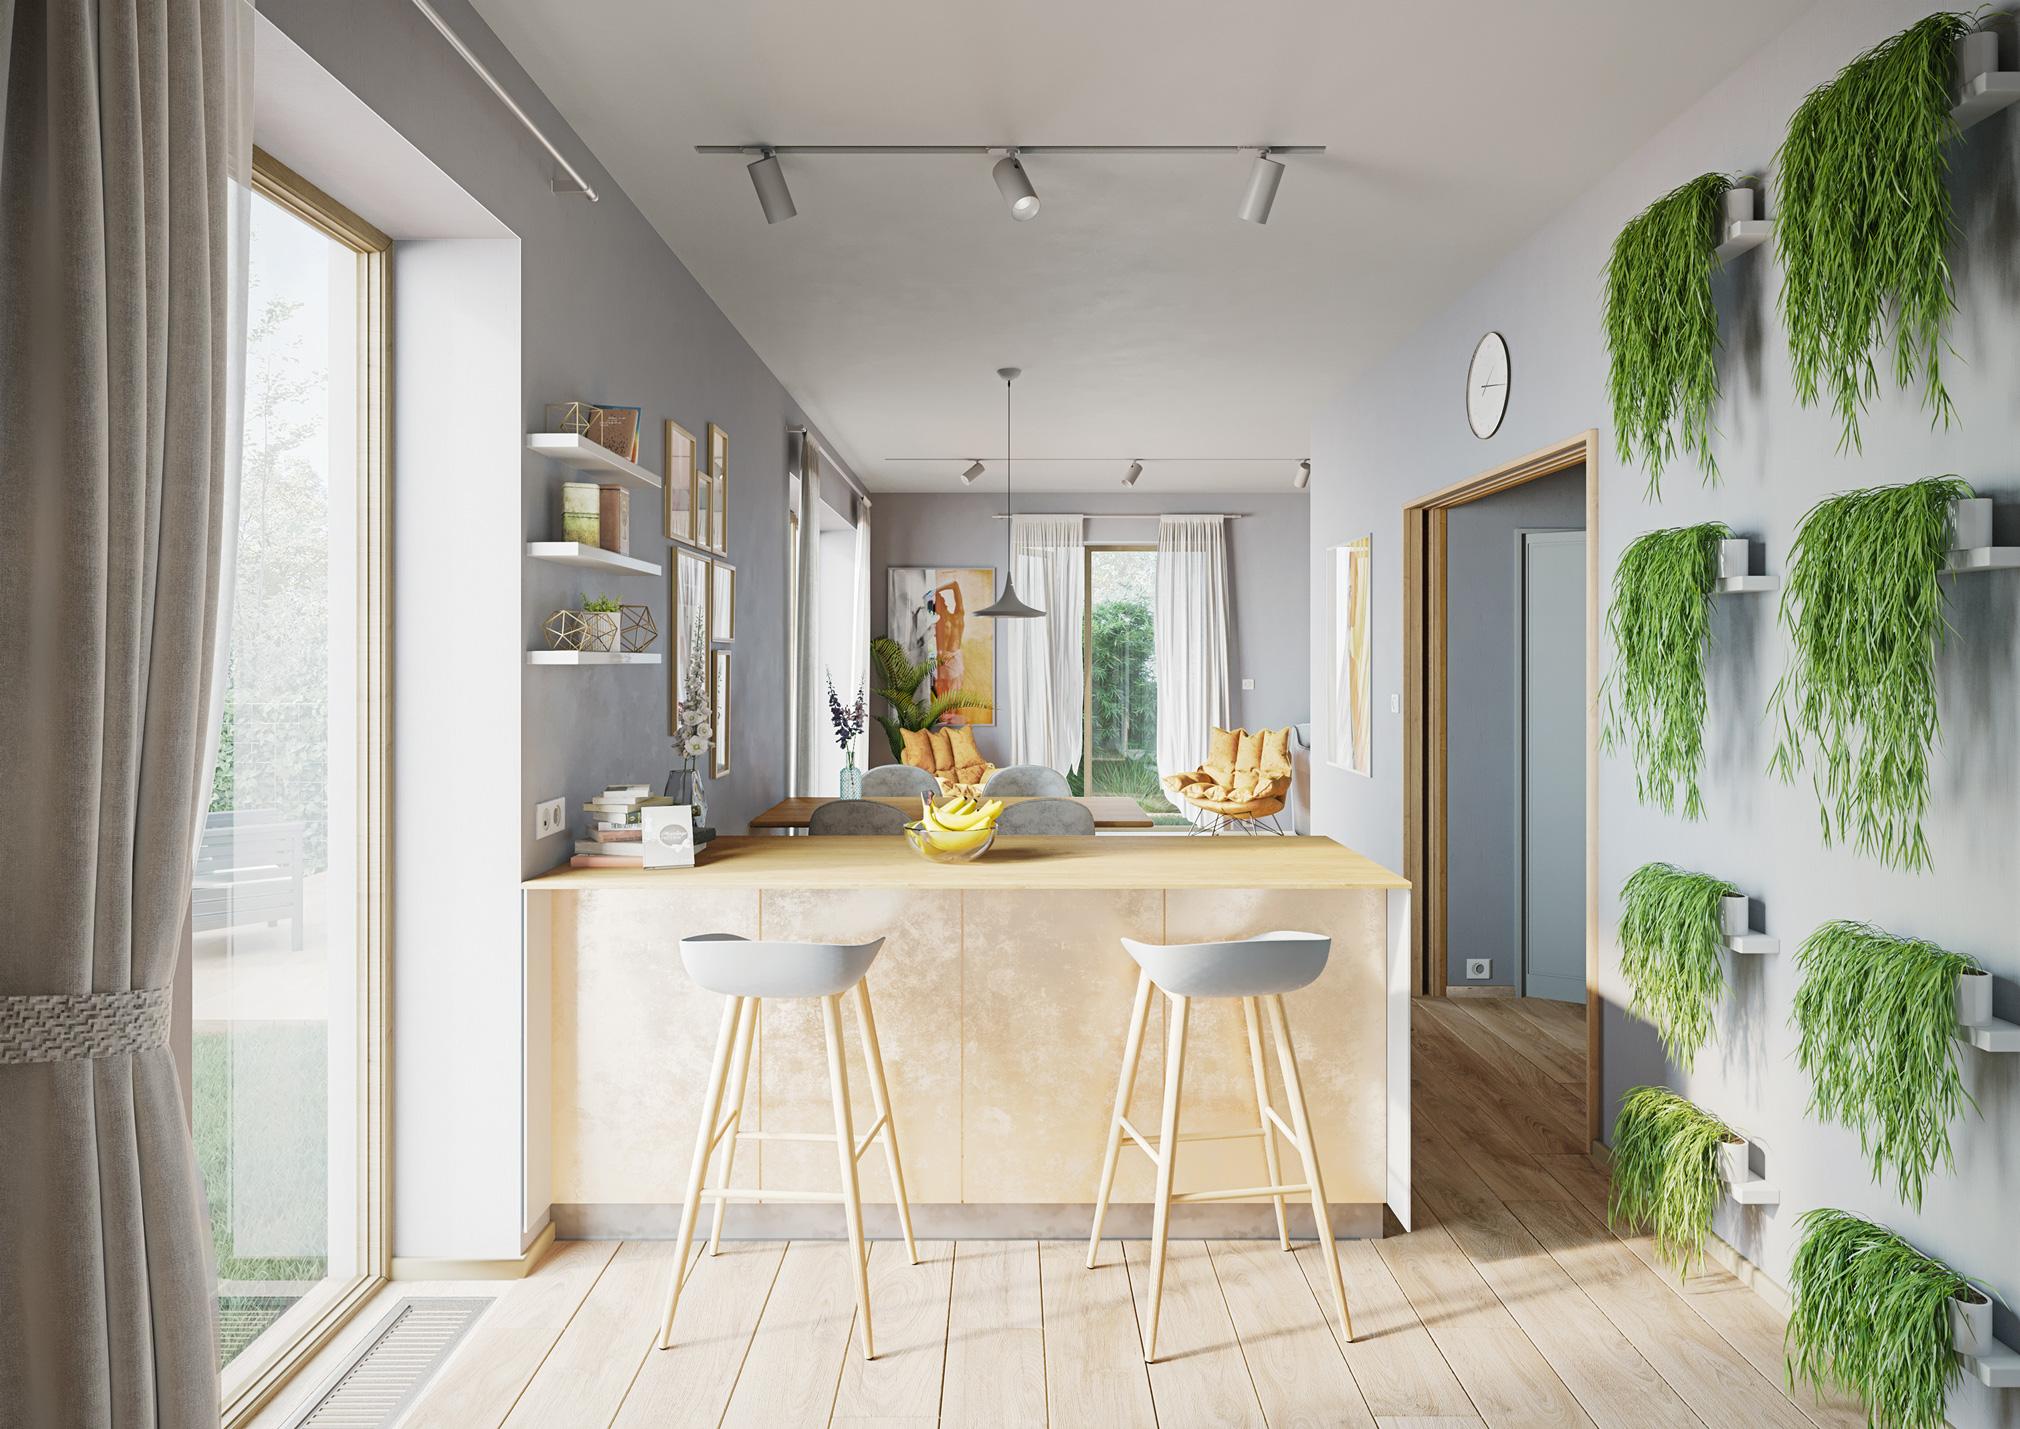 2DR_studio_200319_Garden-apartments_Opava_Rudolfs_001